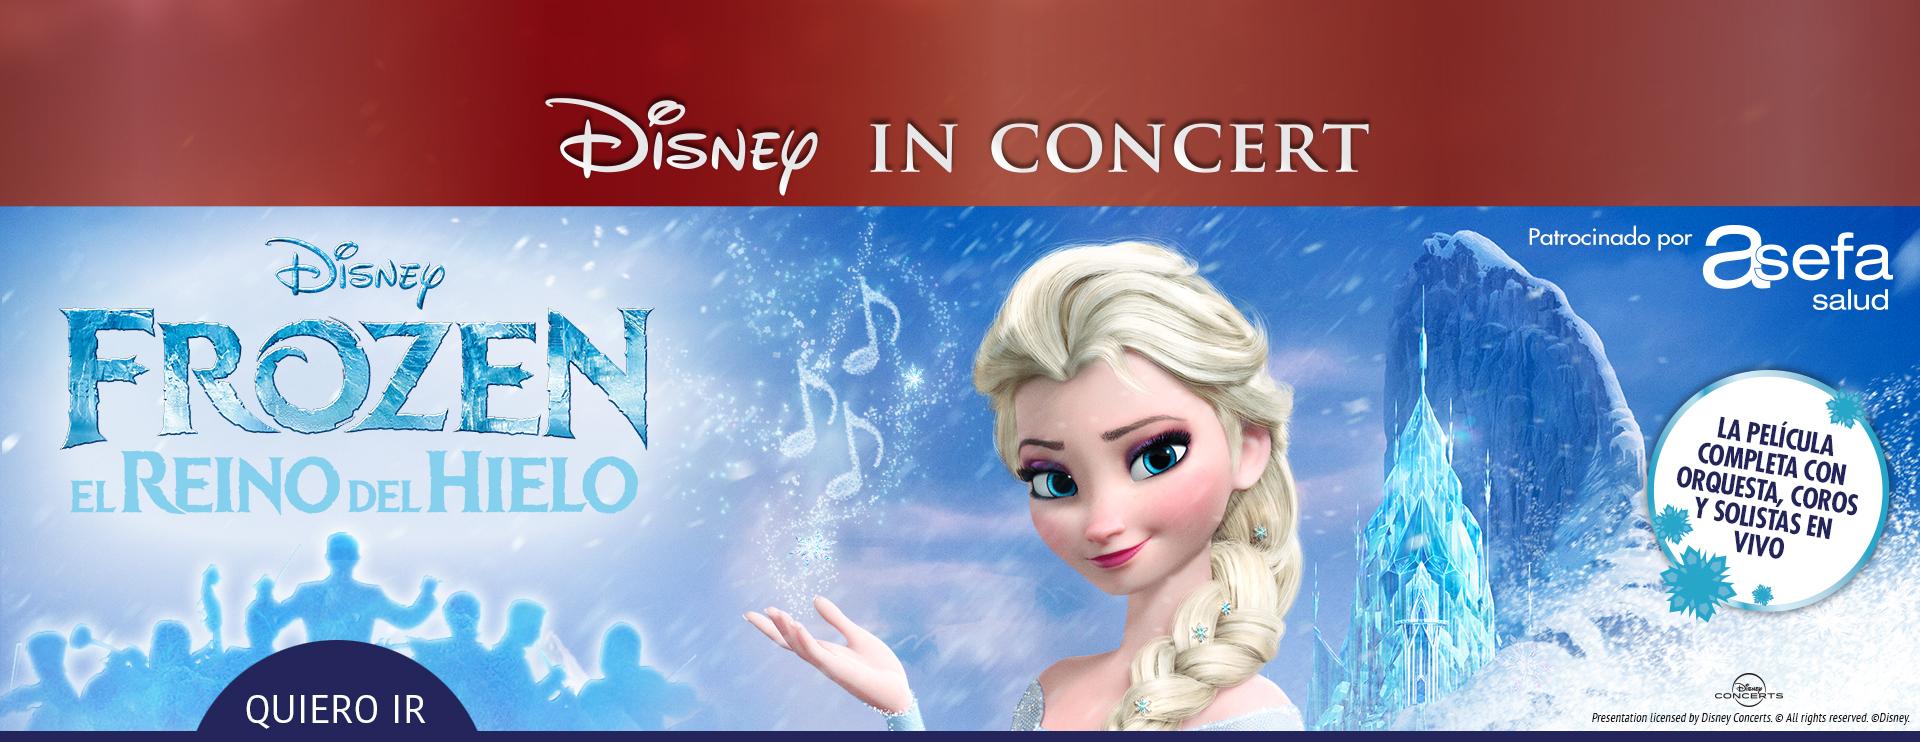 Disney in Concert 2016